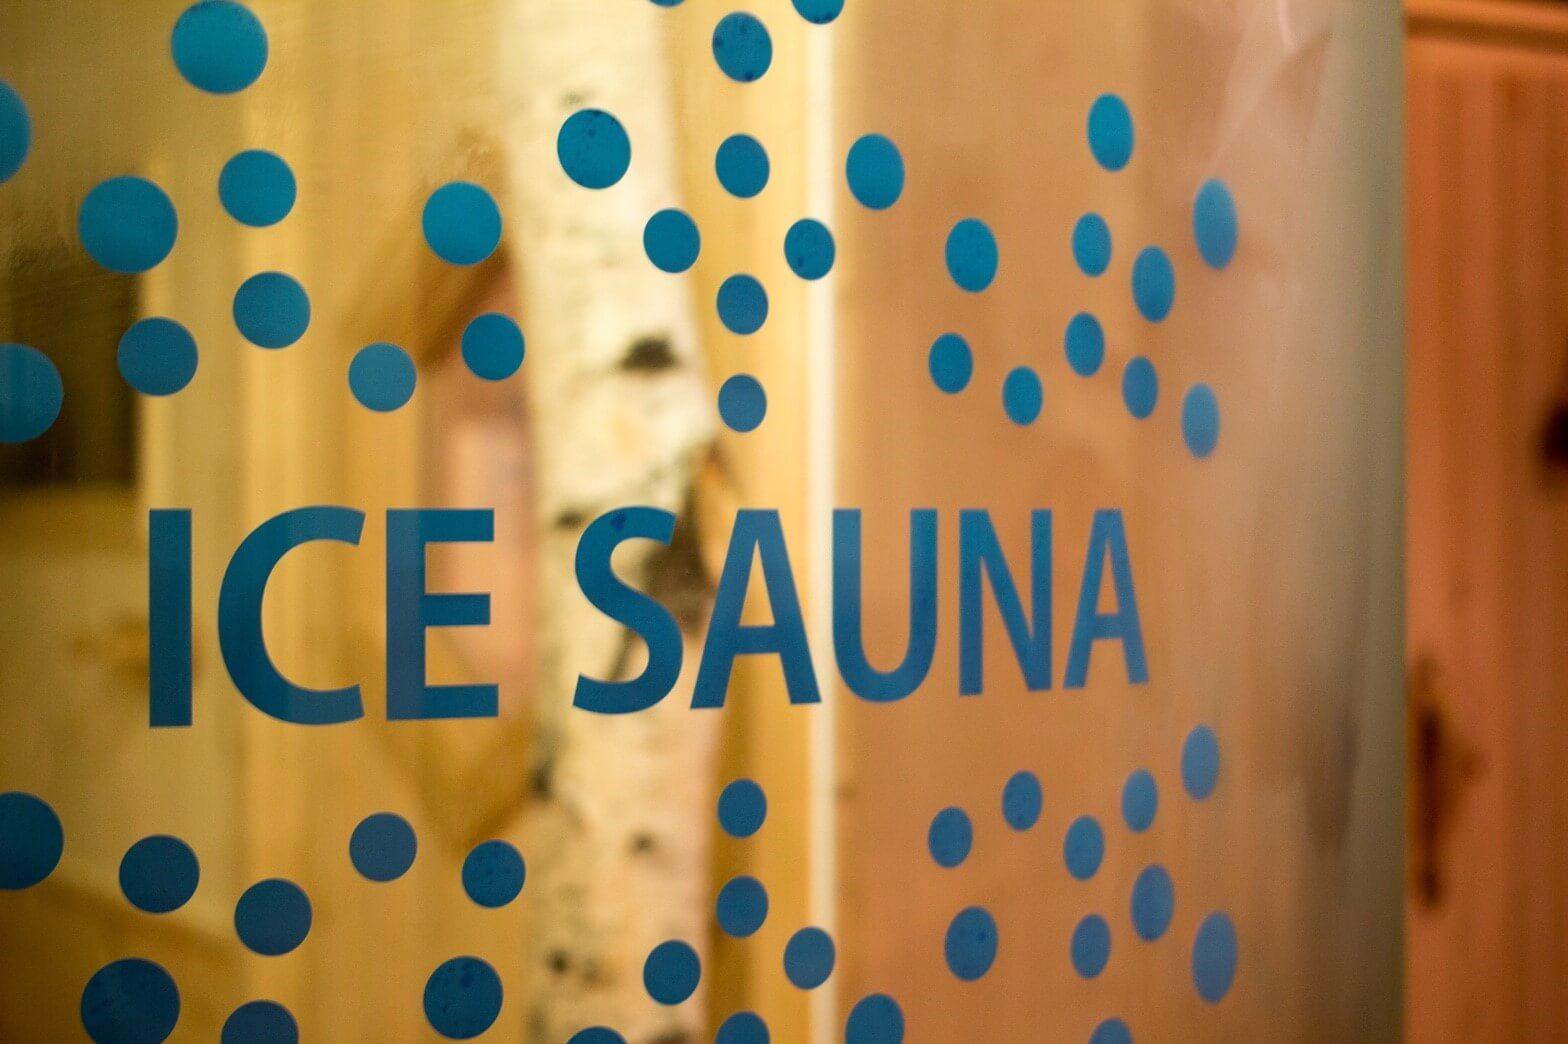 icesauna